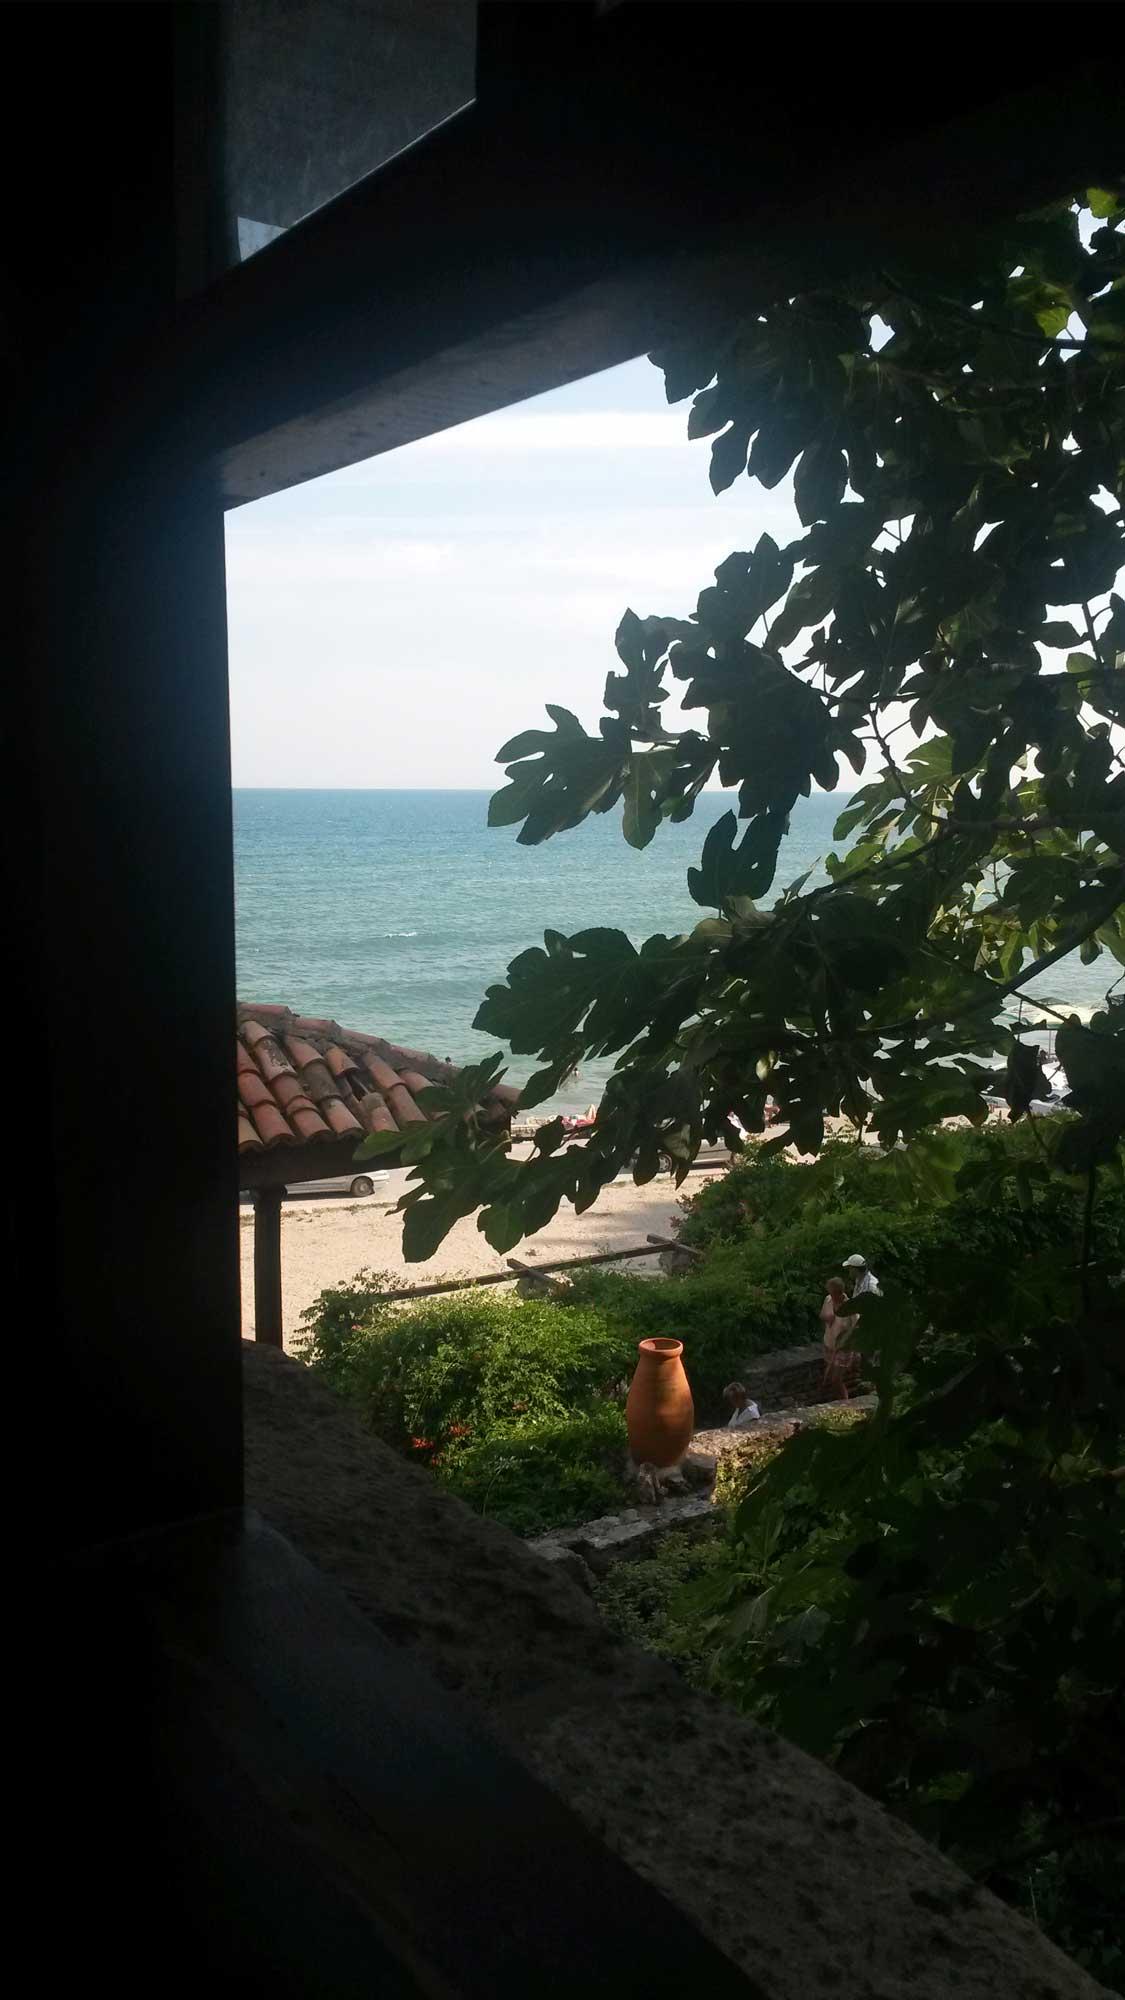 вид из окна покоев королевы марии